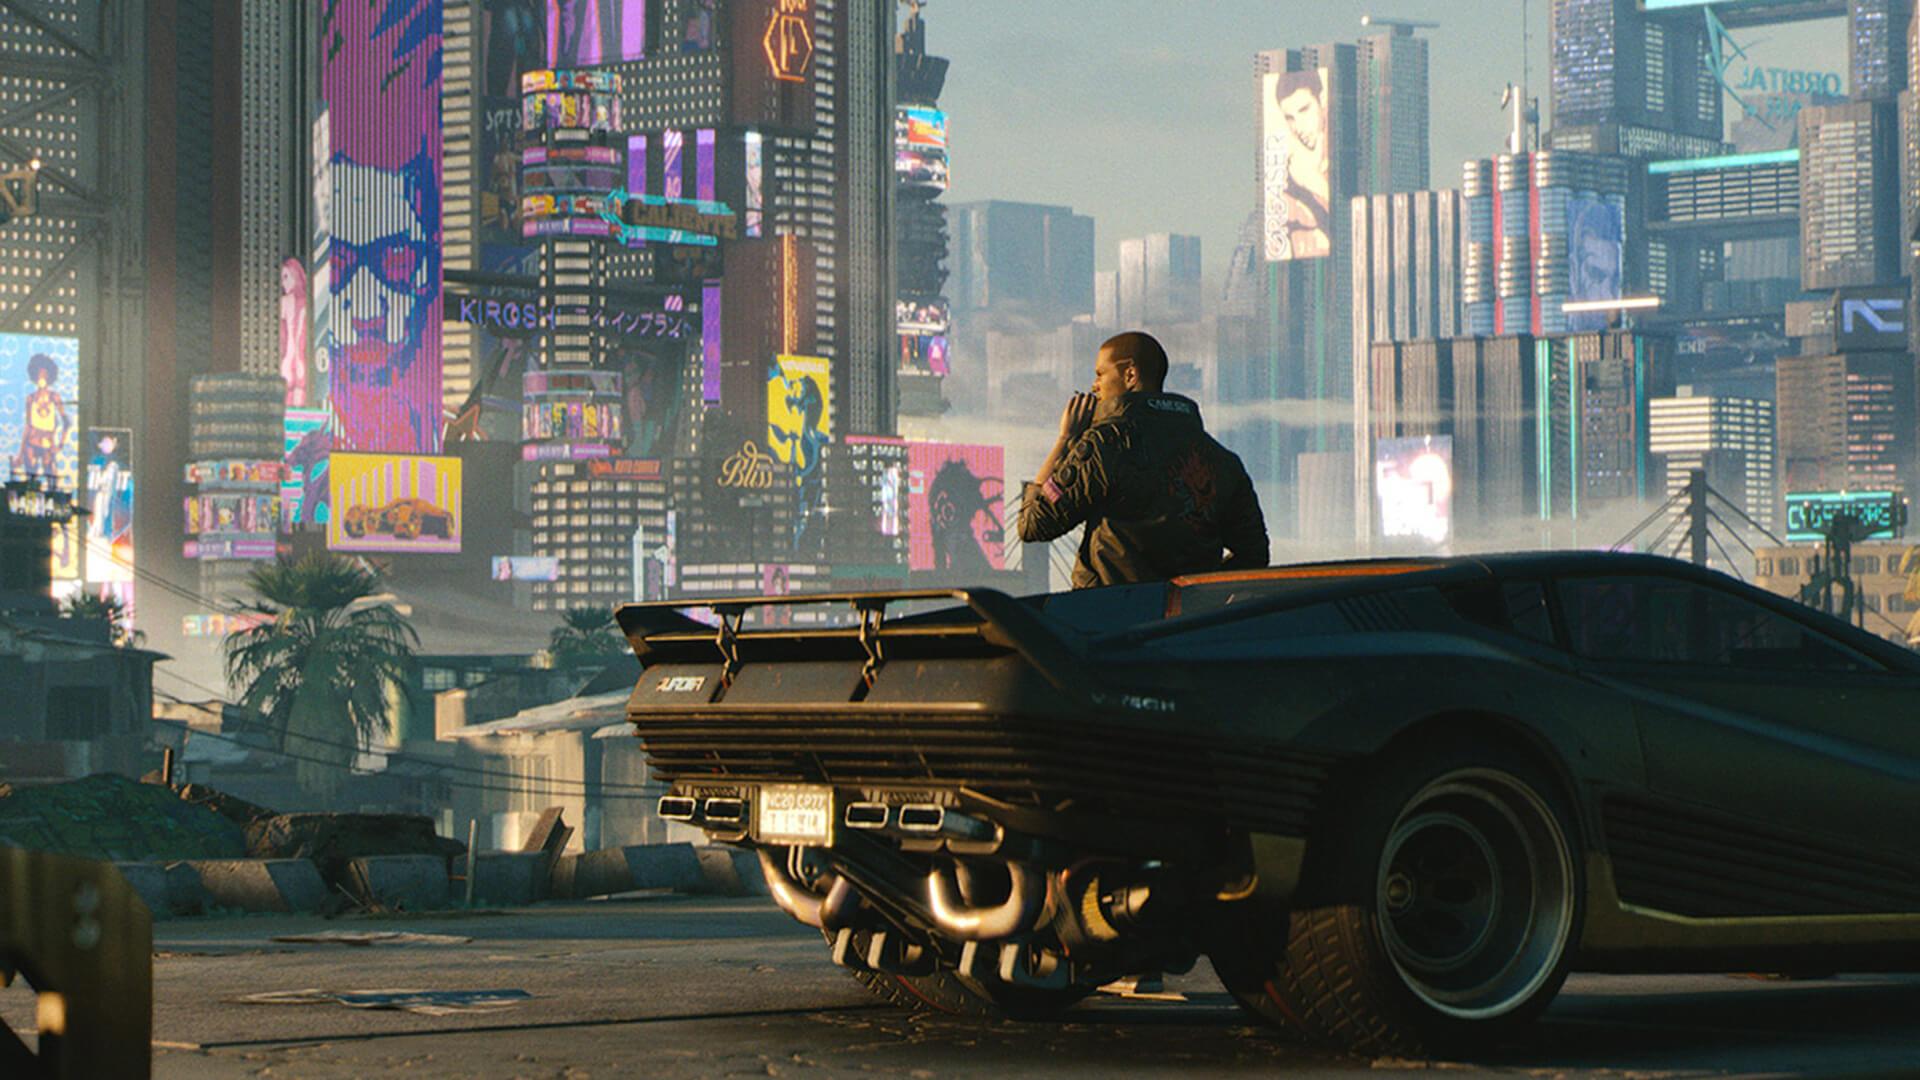 外媒评2020年让人失望的游戏界事件 新主机难以入手